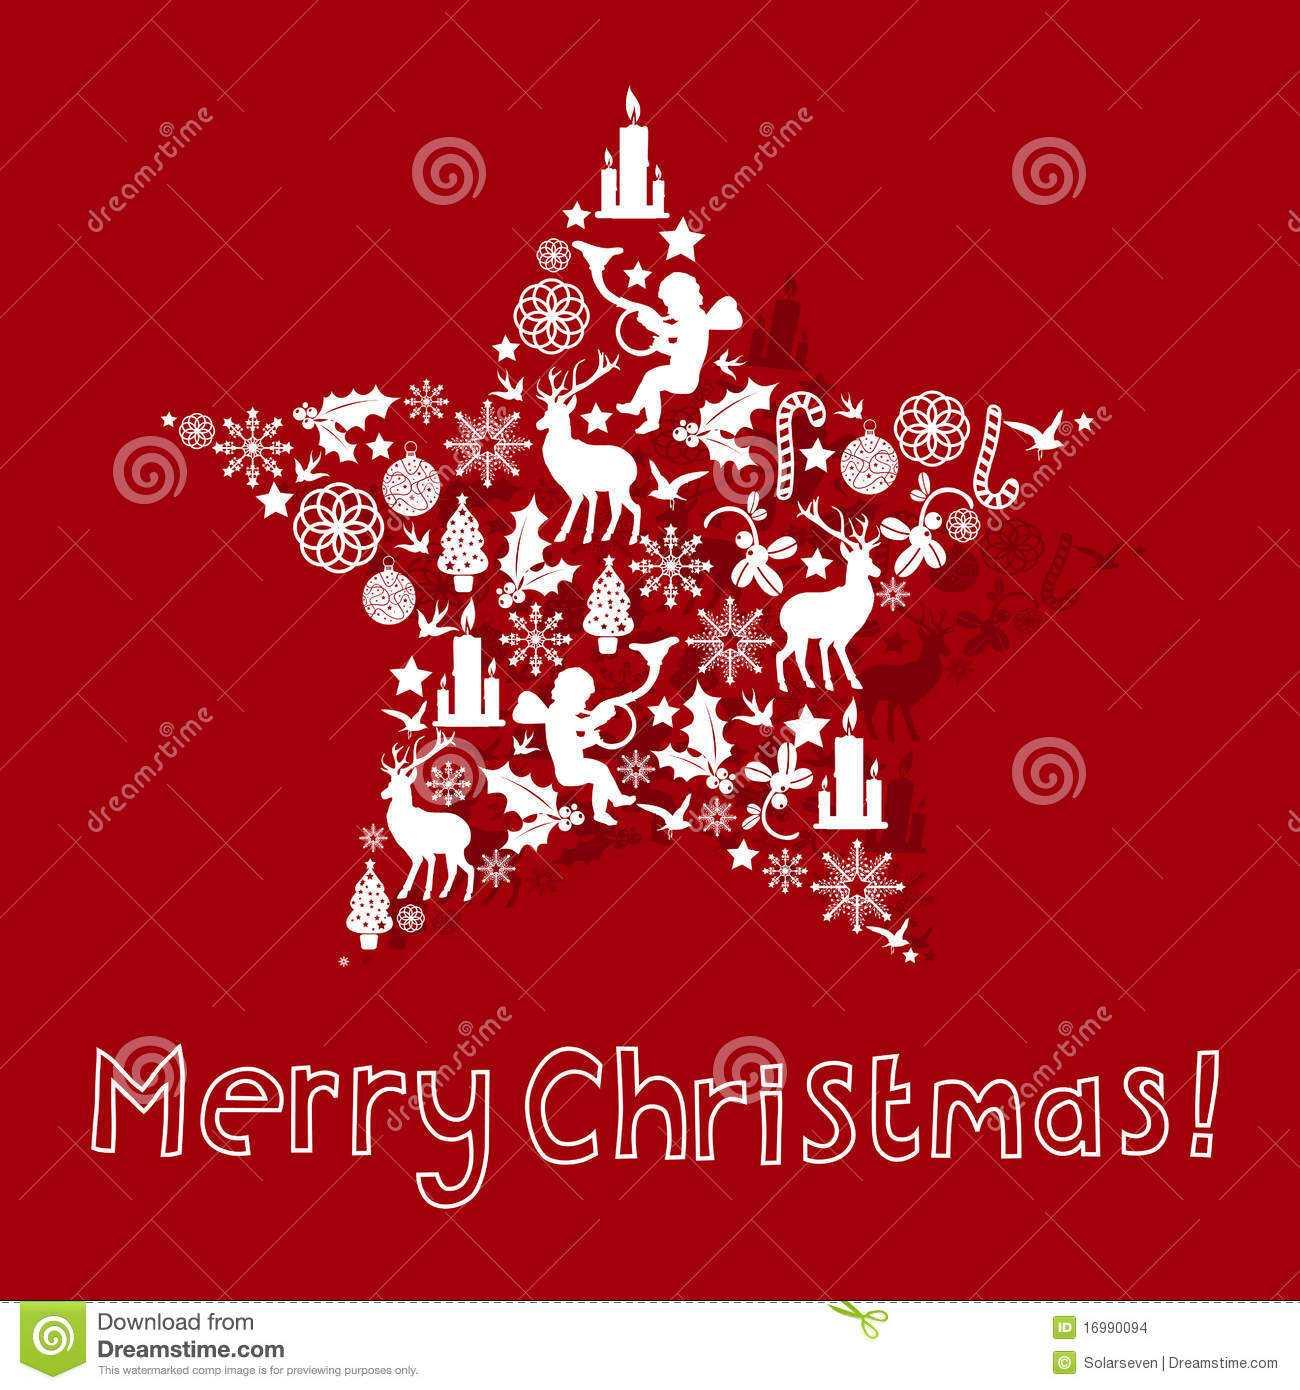 Christmas Card Design Stock Vector. Illustration Of Event in Adobe Illustrator Christmas Card Template